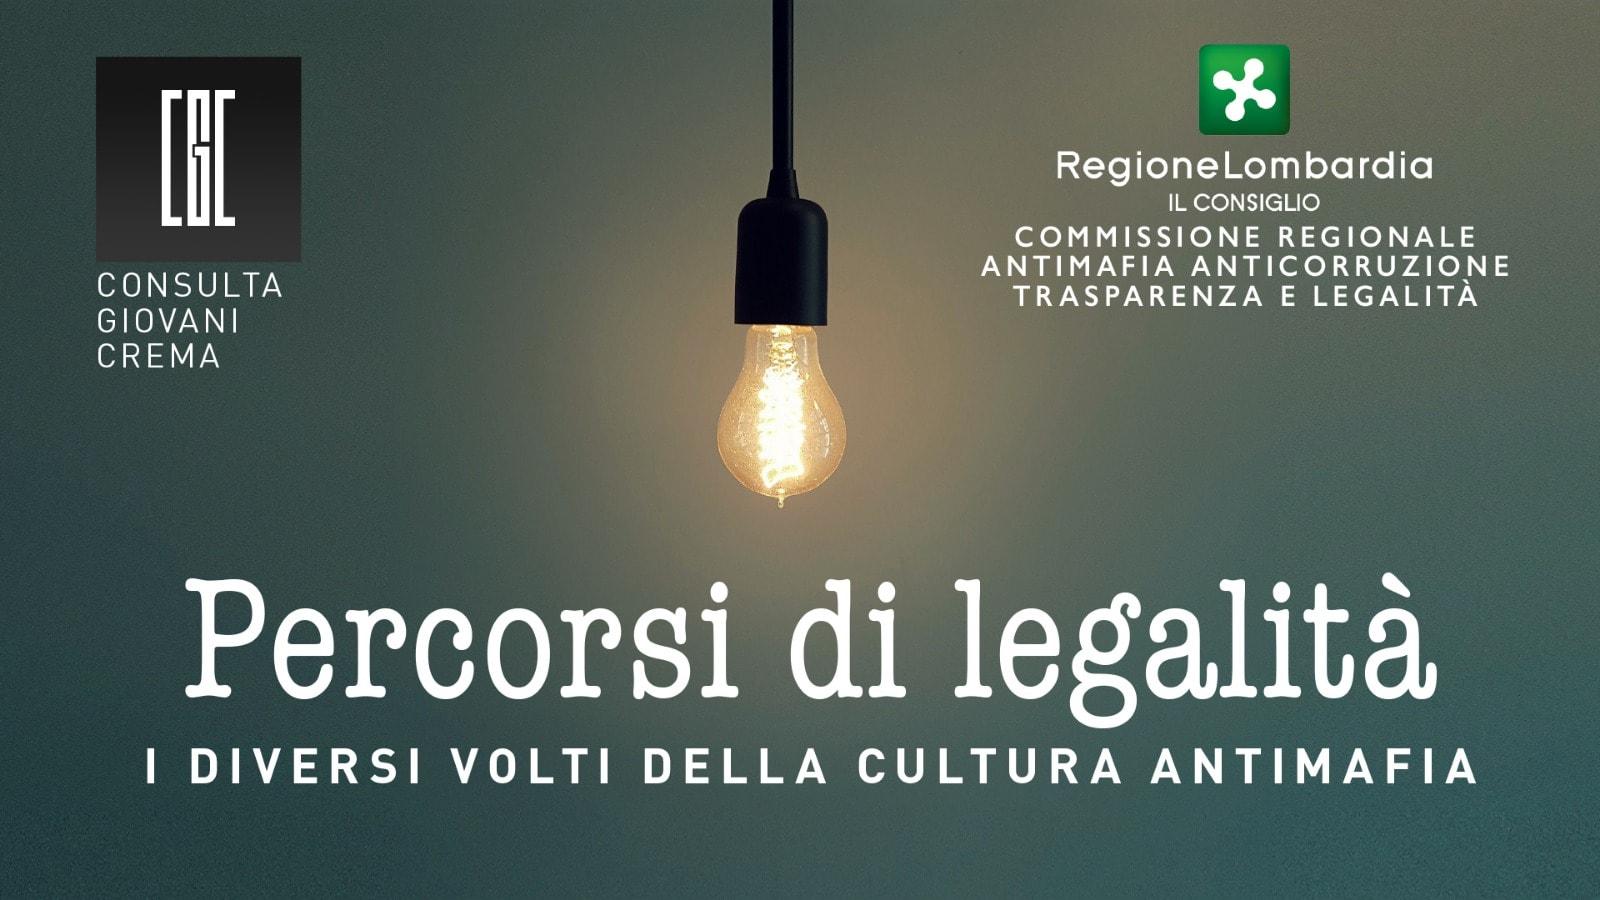 """""""Percorsi di legalità, i diversi volti della cultura antimafia"""", il 30 Novembre al Pirellone."""